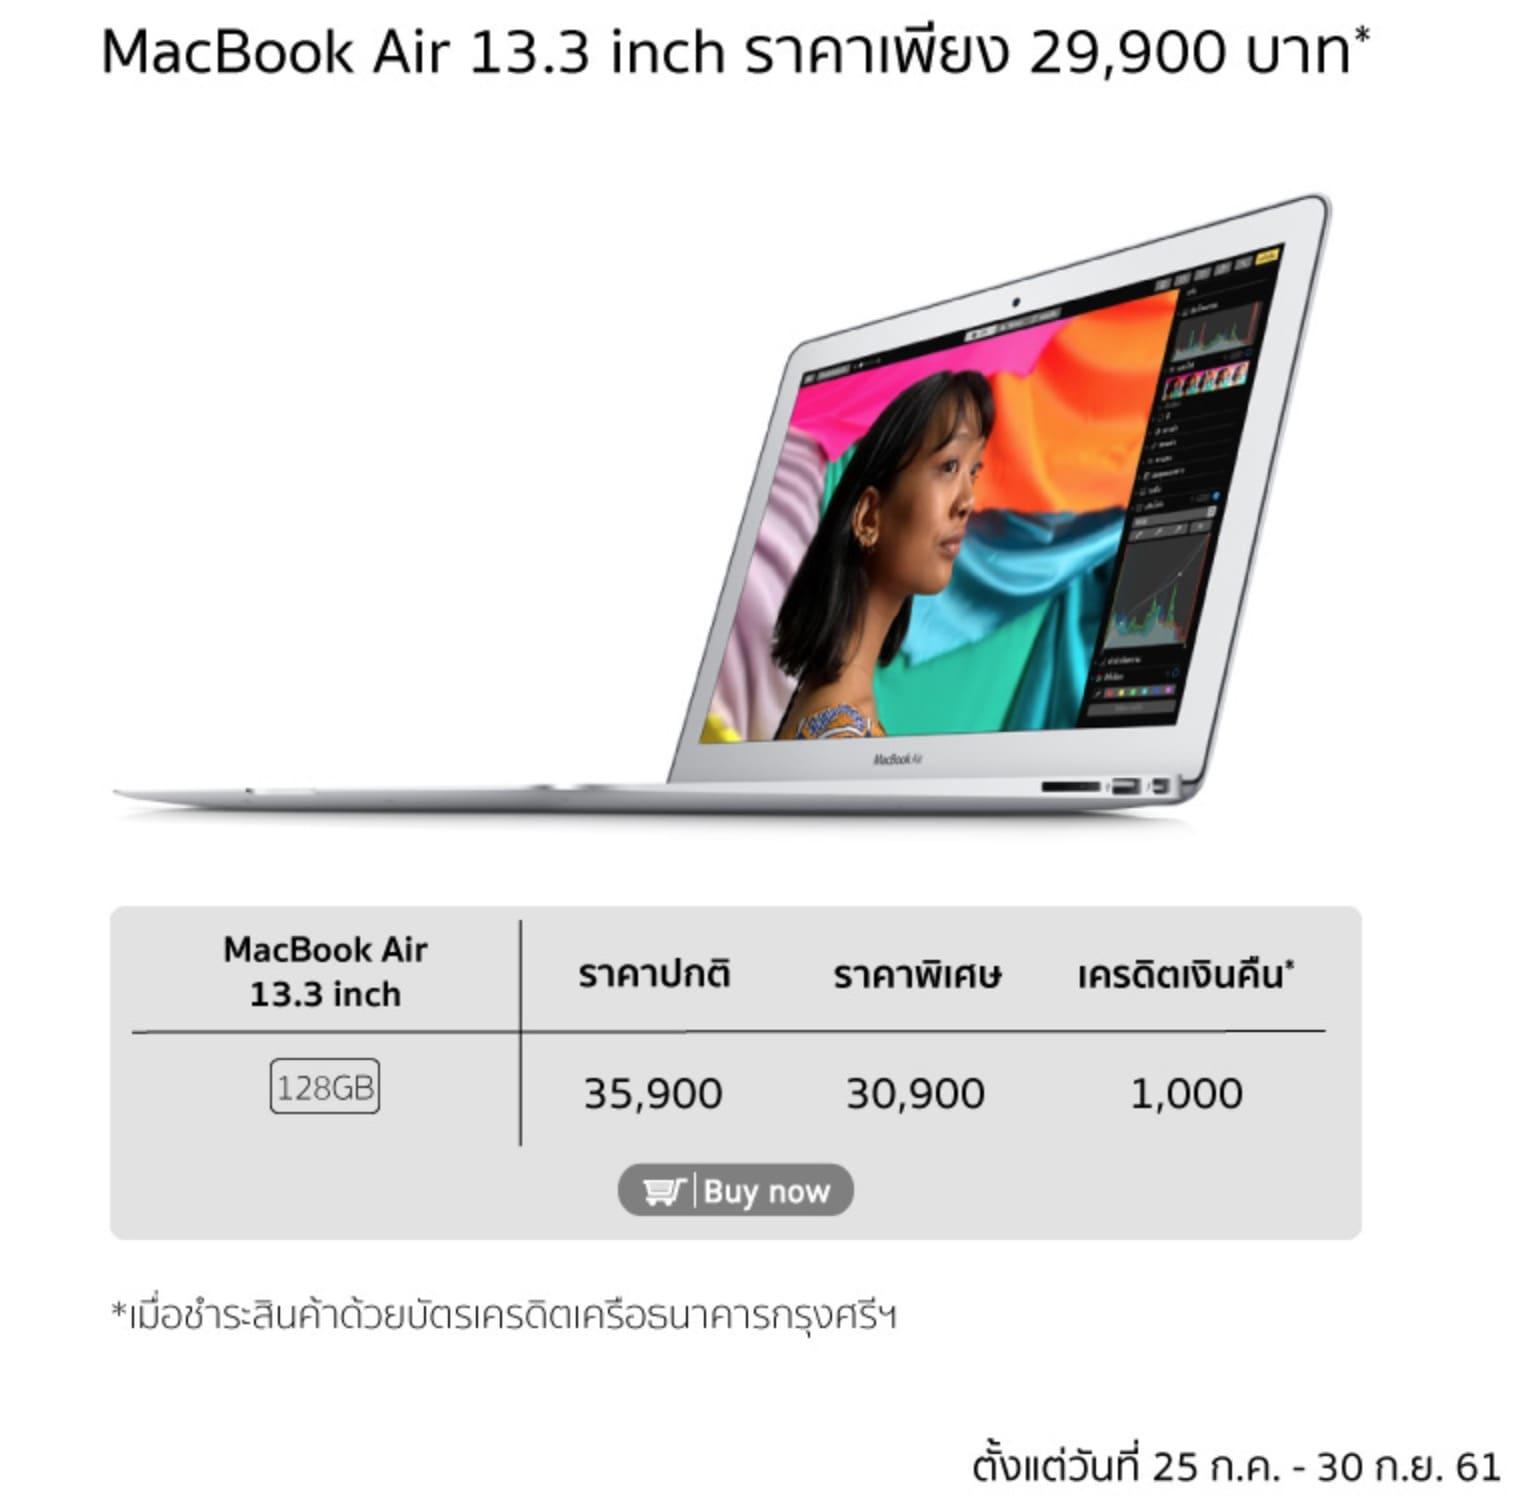 Macbook Air Aug 2018 Studio7 Promo